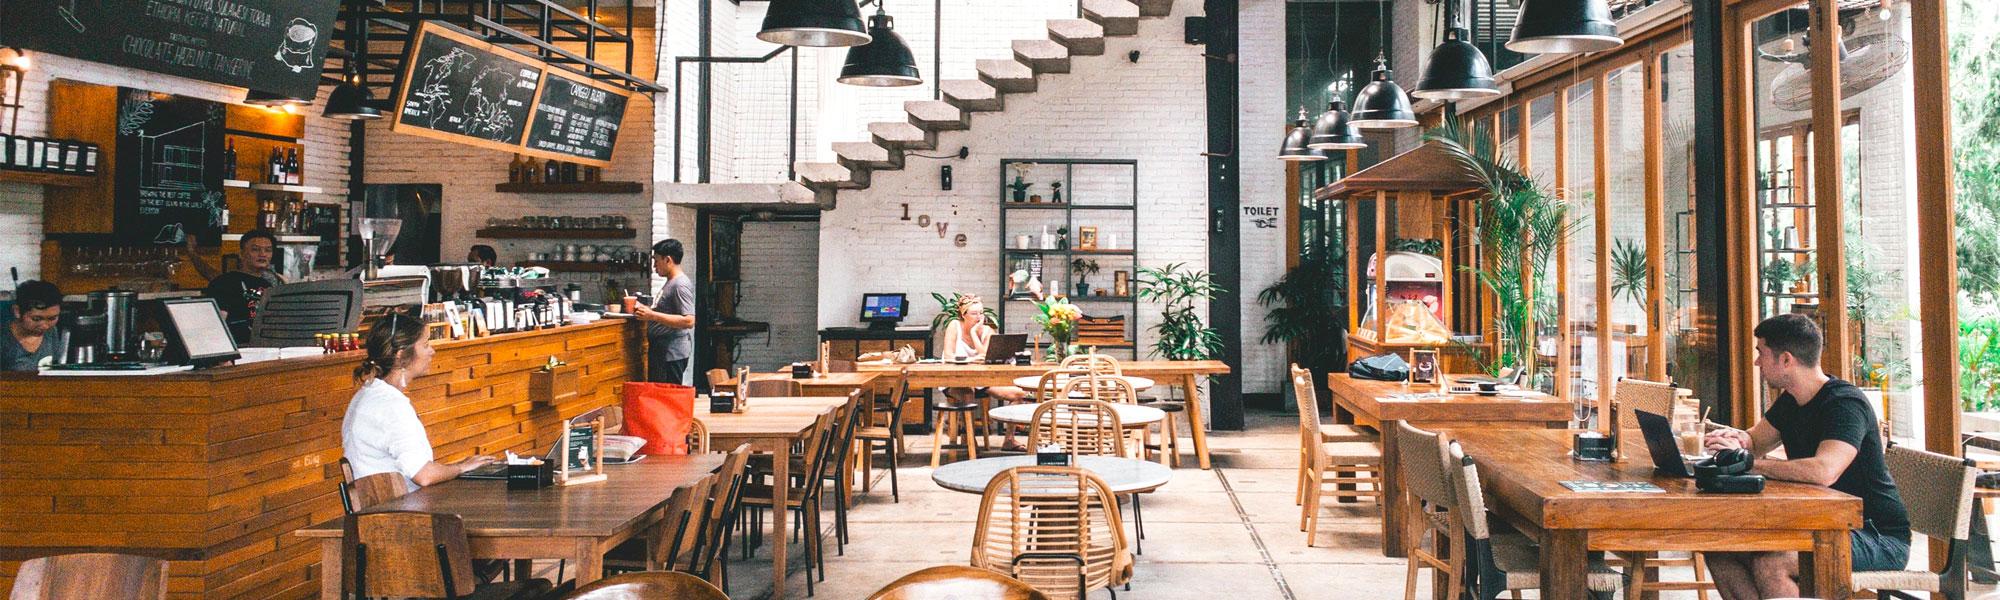 Pandemic Relaunch Toolkit for Restaurants + Bars